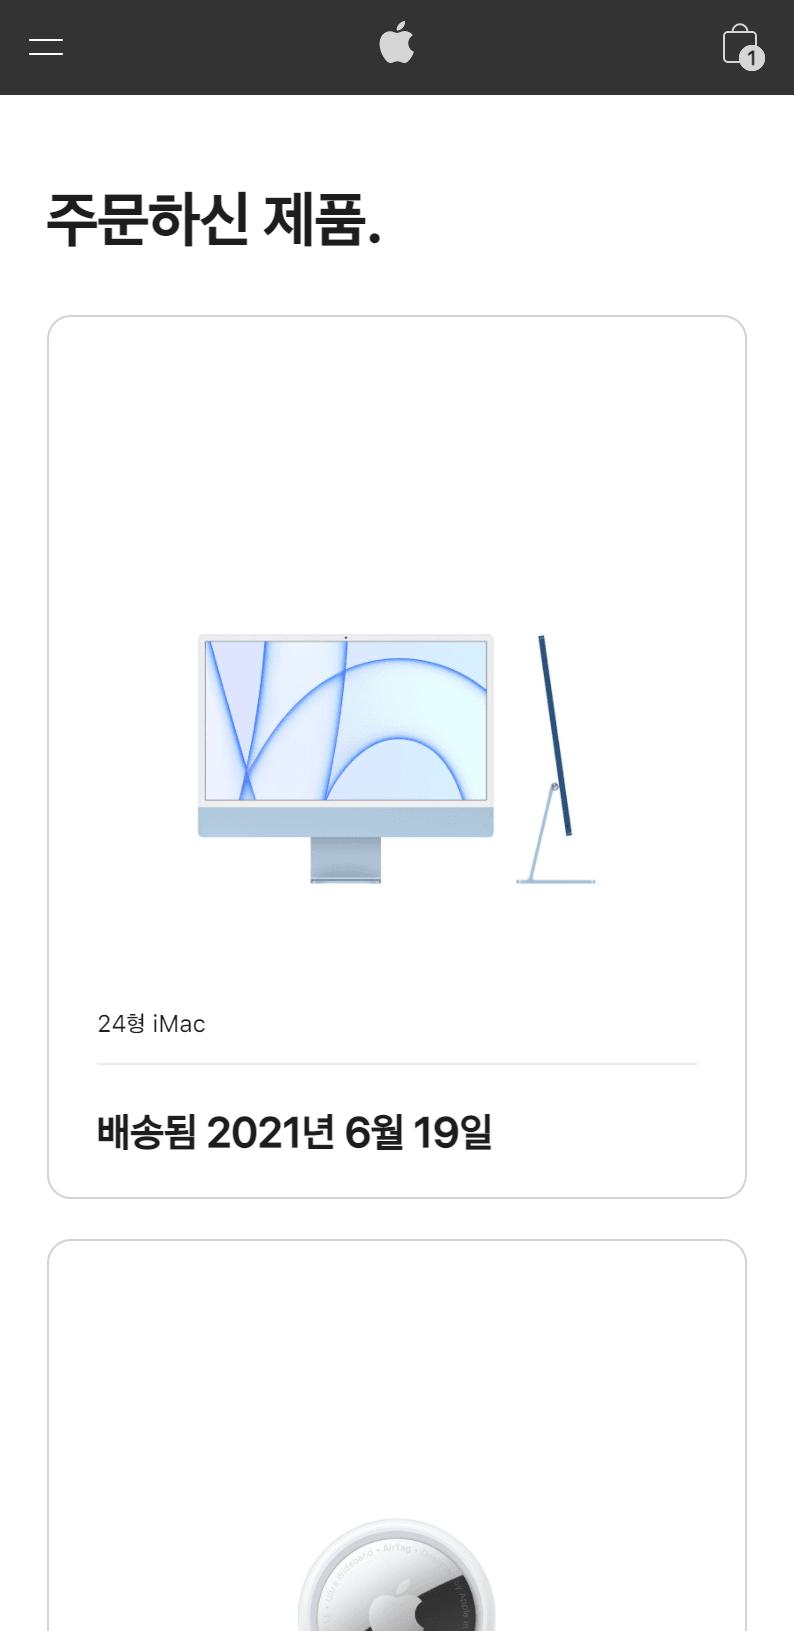 viewimage.php?id=24add122b4&no=24b0d769e1d32ca73cec8ffa11d0283137a147df66c0ff0e9ff48d5b5e7156dca30917492aa833d057ba870405b85a91087582dbed20eef719f71585e26db0bd17